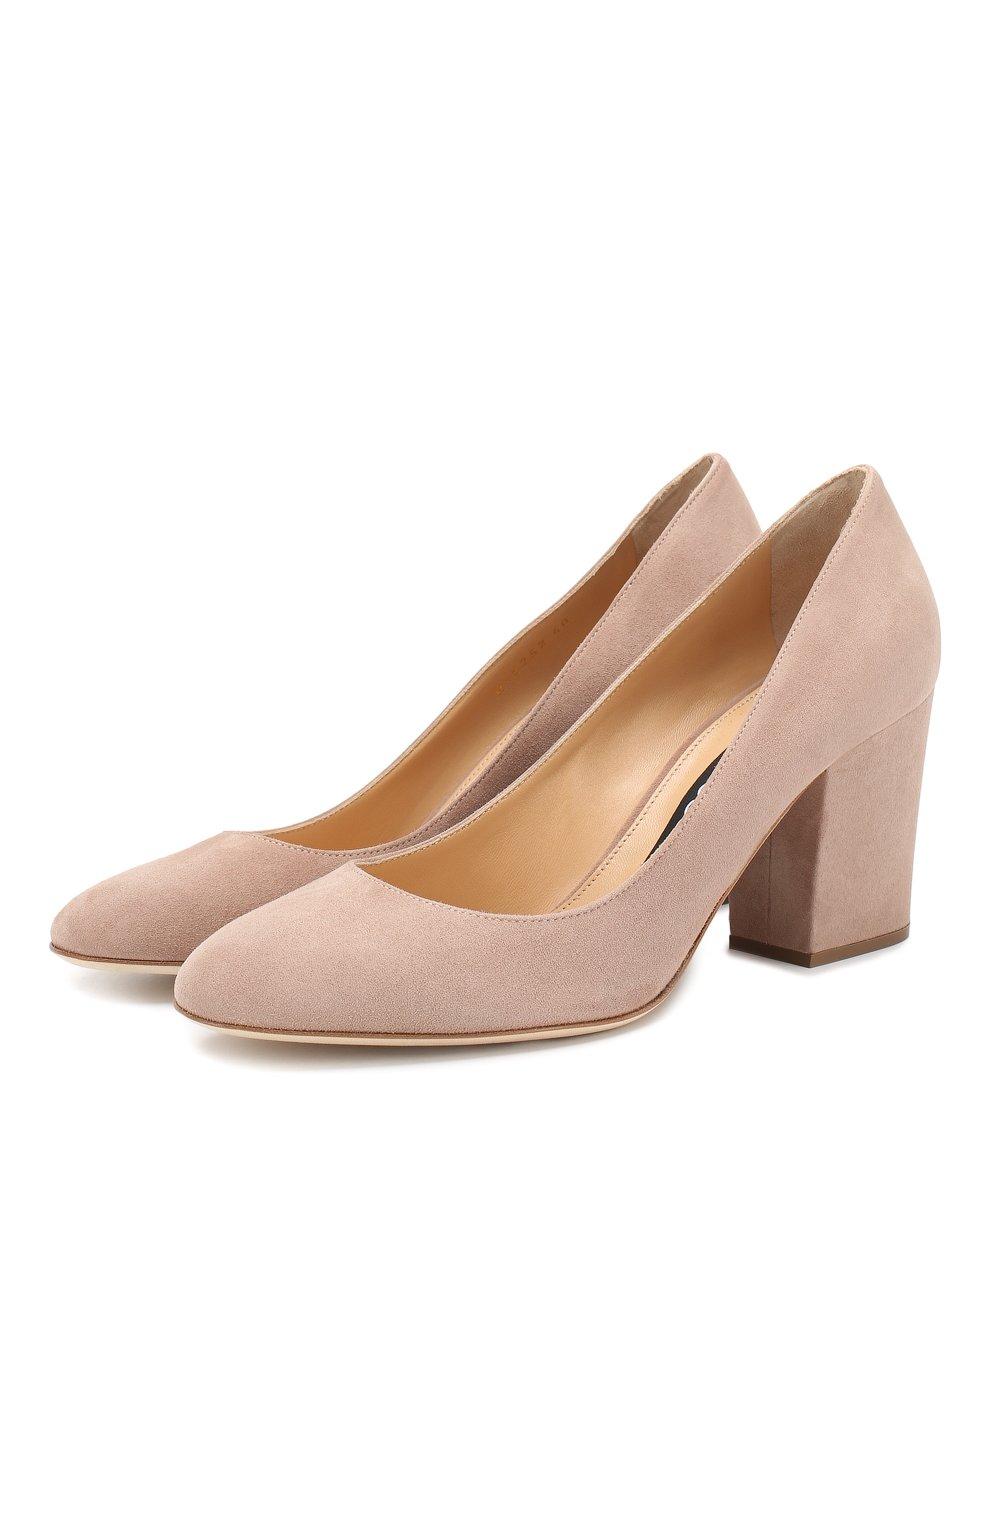 Замшевые туфли Virginia | Фото №1